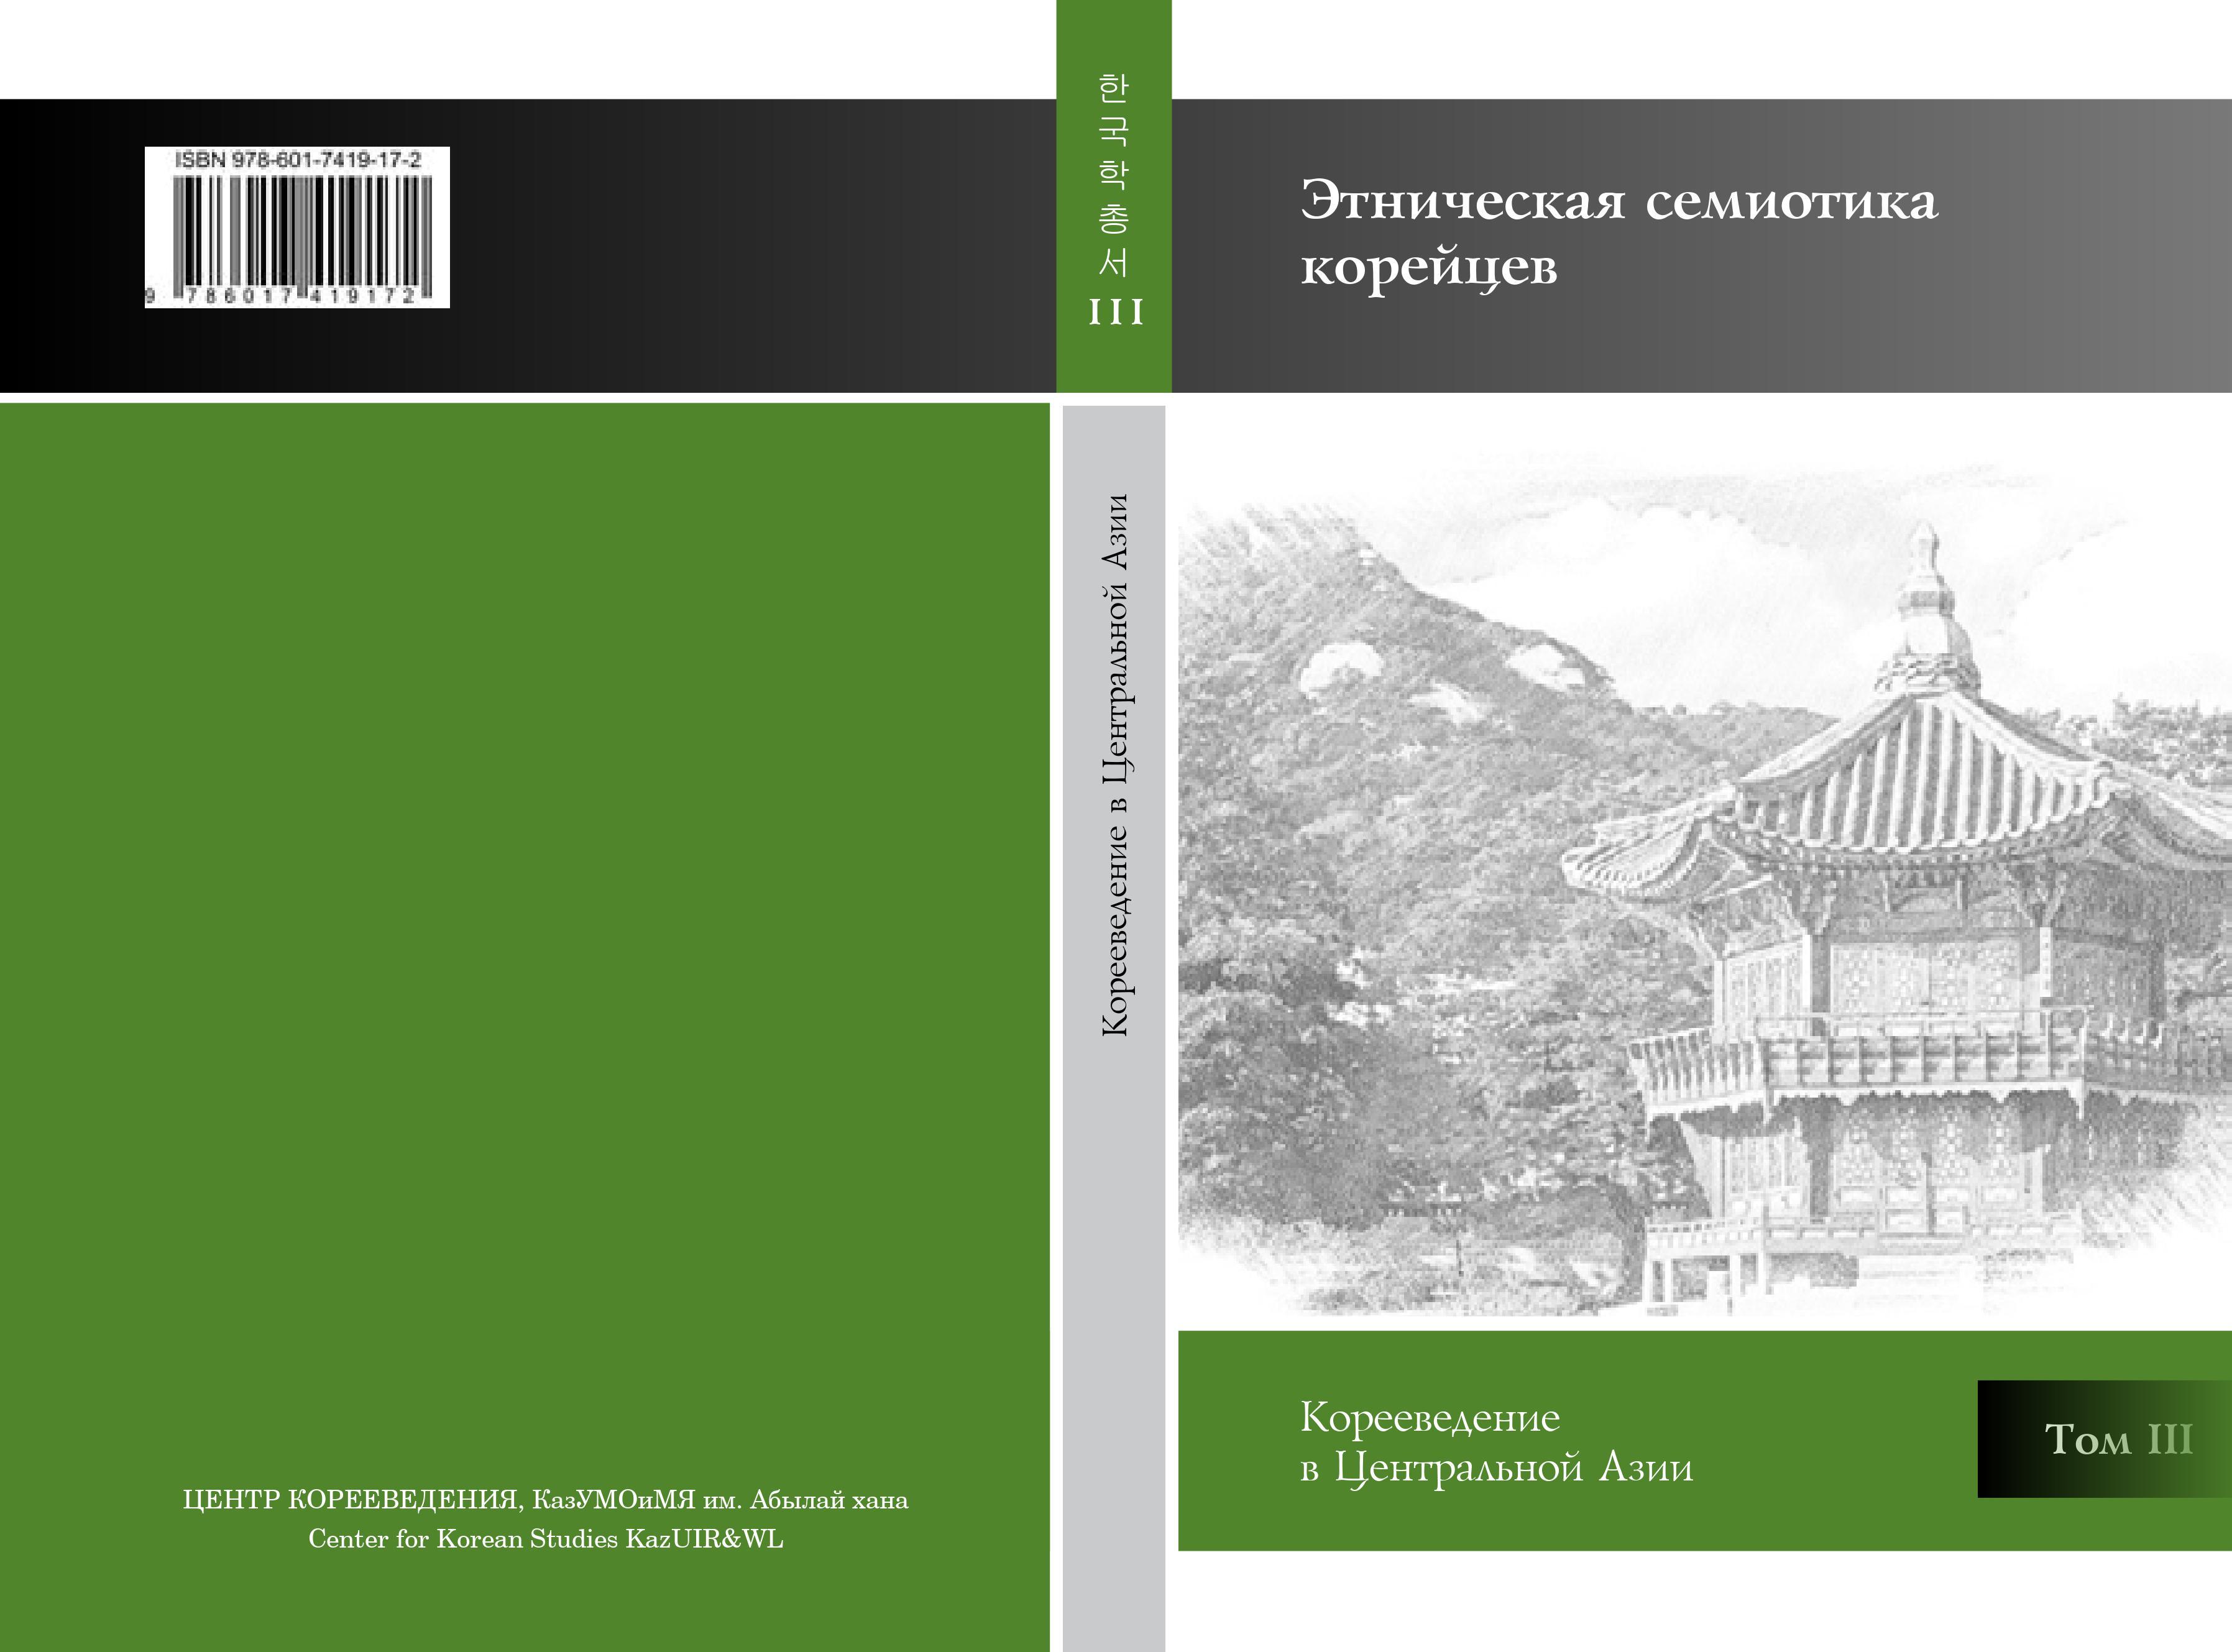 한국학총서 3 Этническая семиотика корейцев